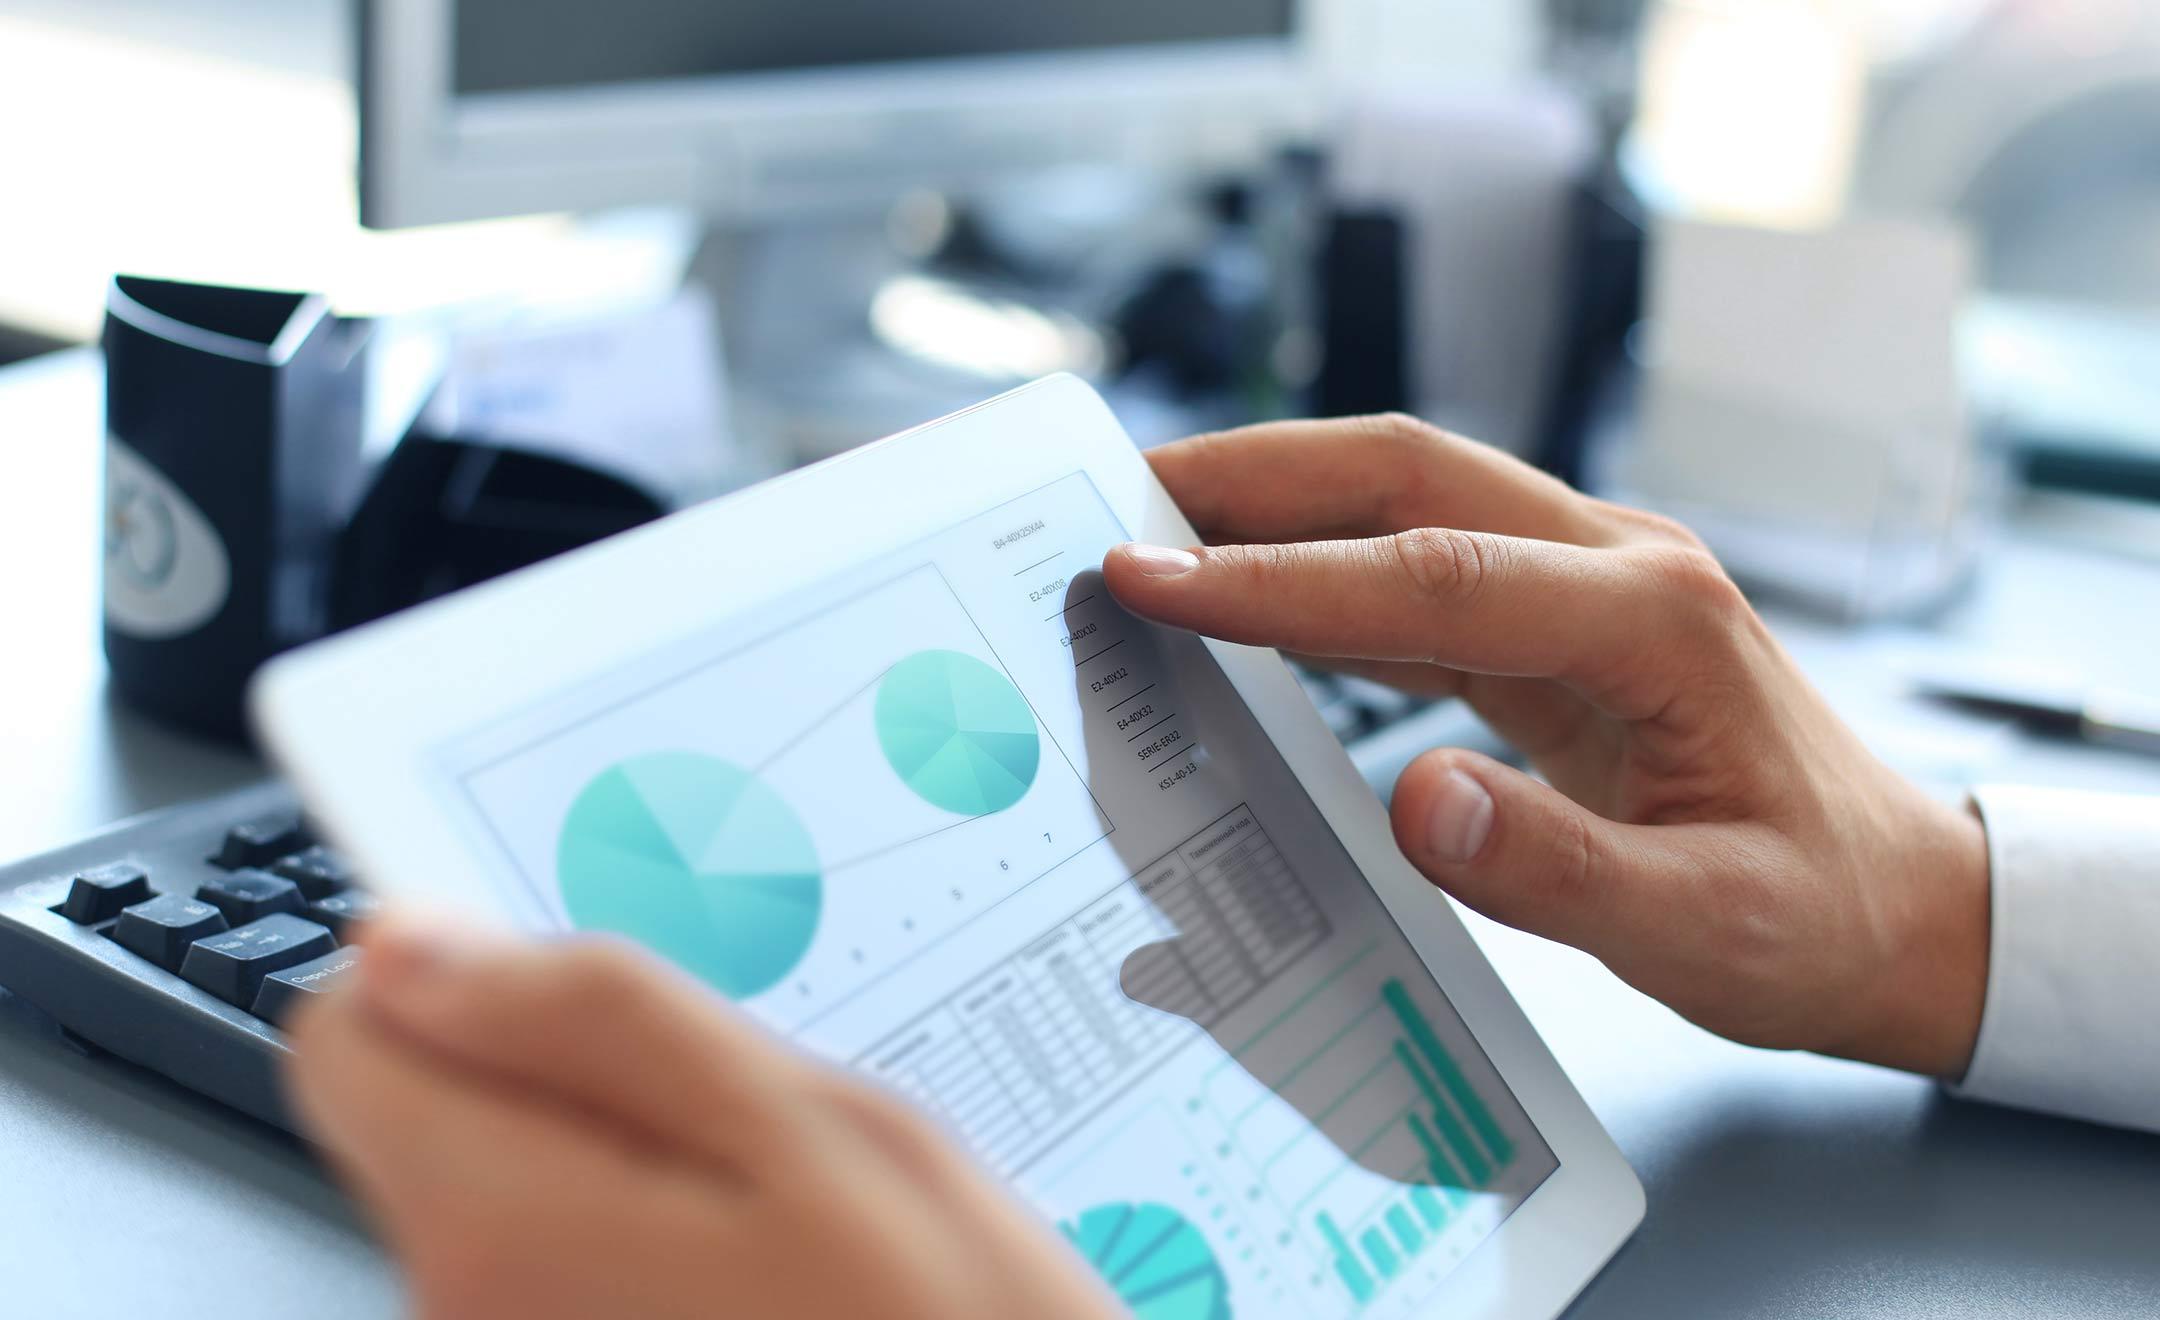 POSデータ分析のイメージ画像